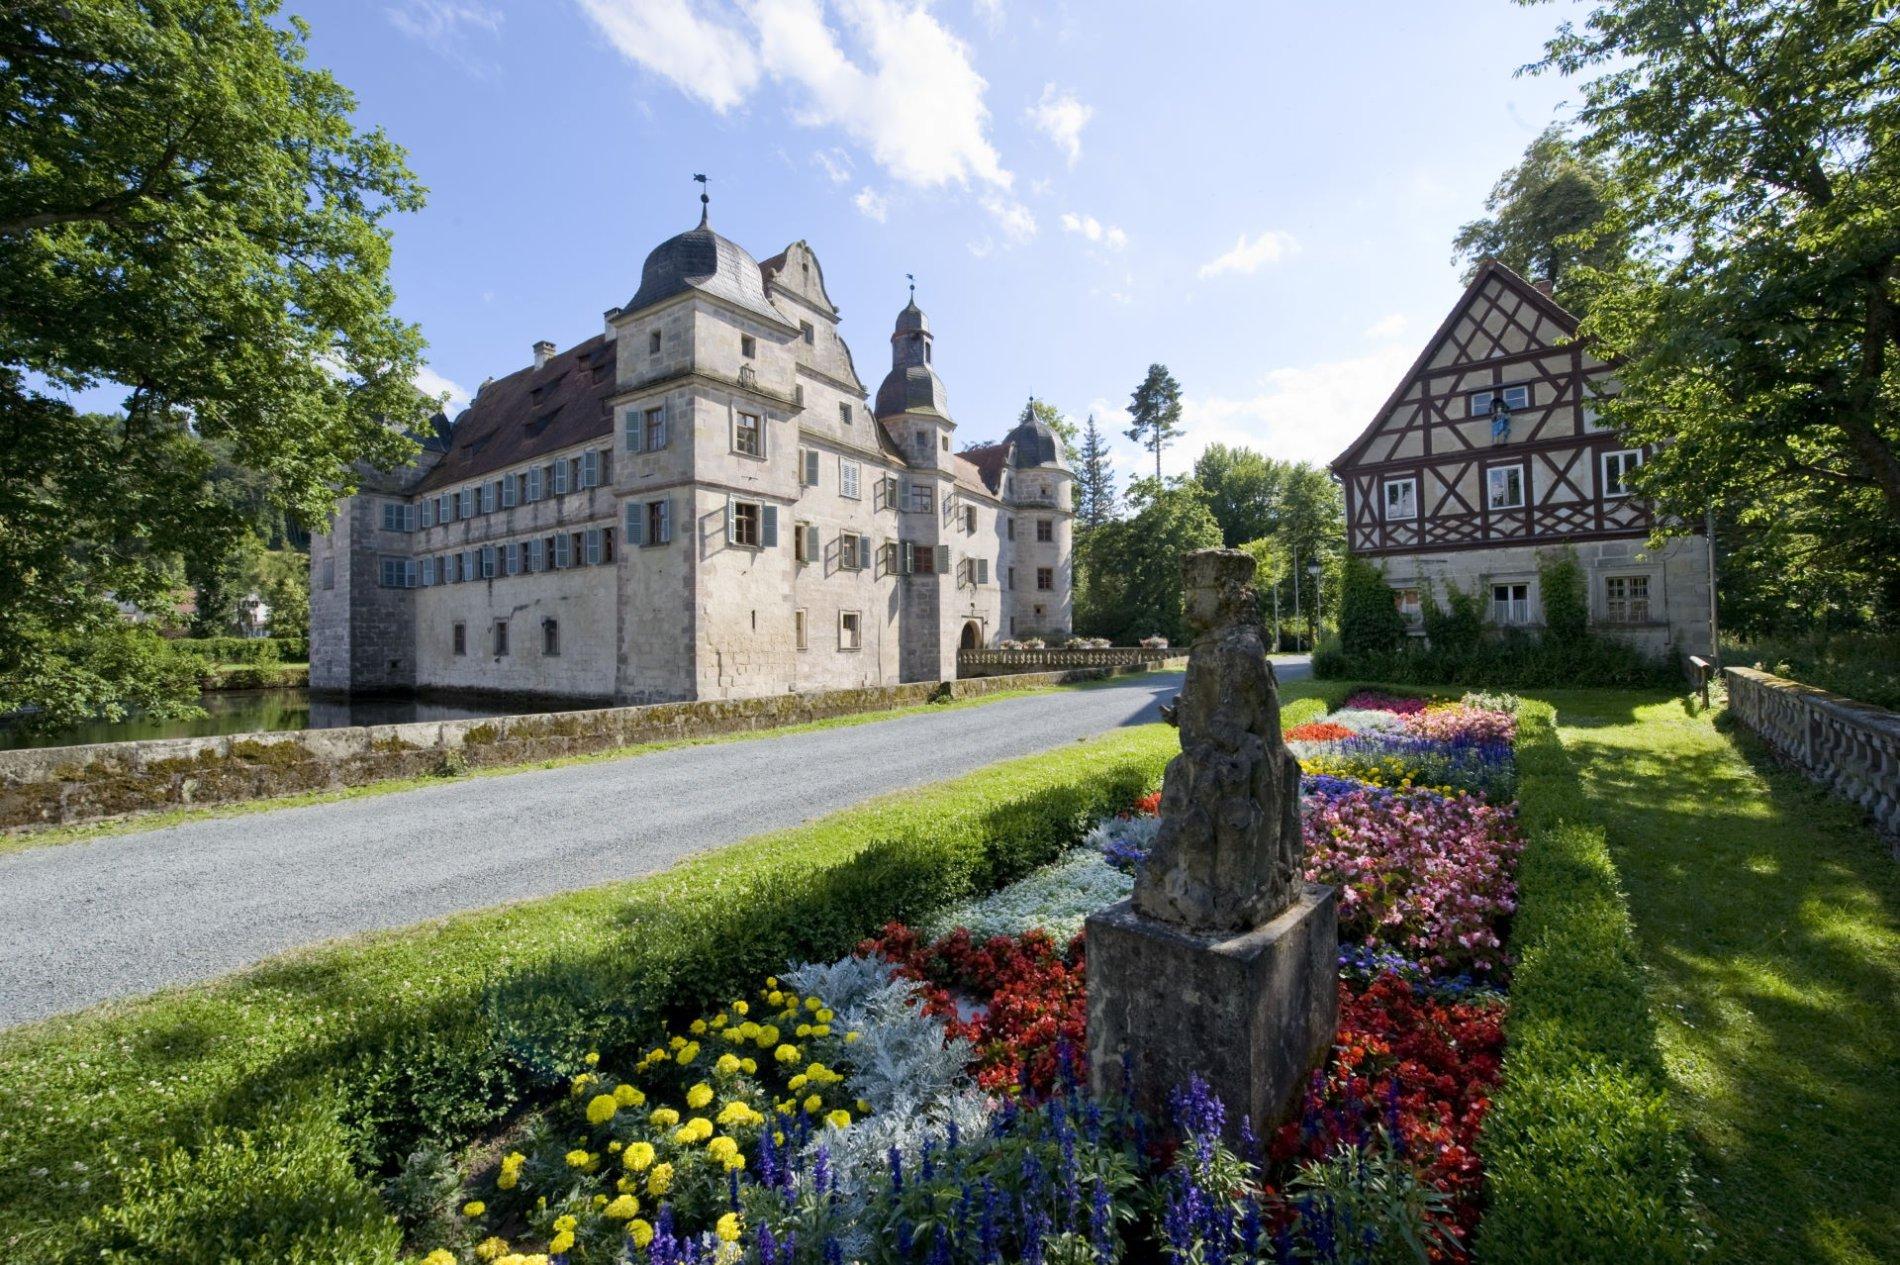 Am Wasserschloss Mitwitz